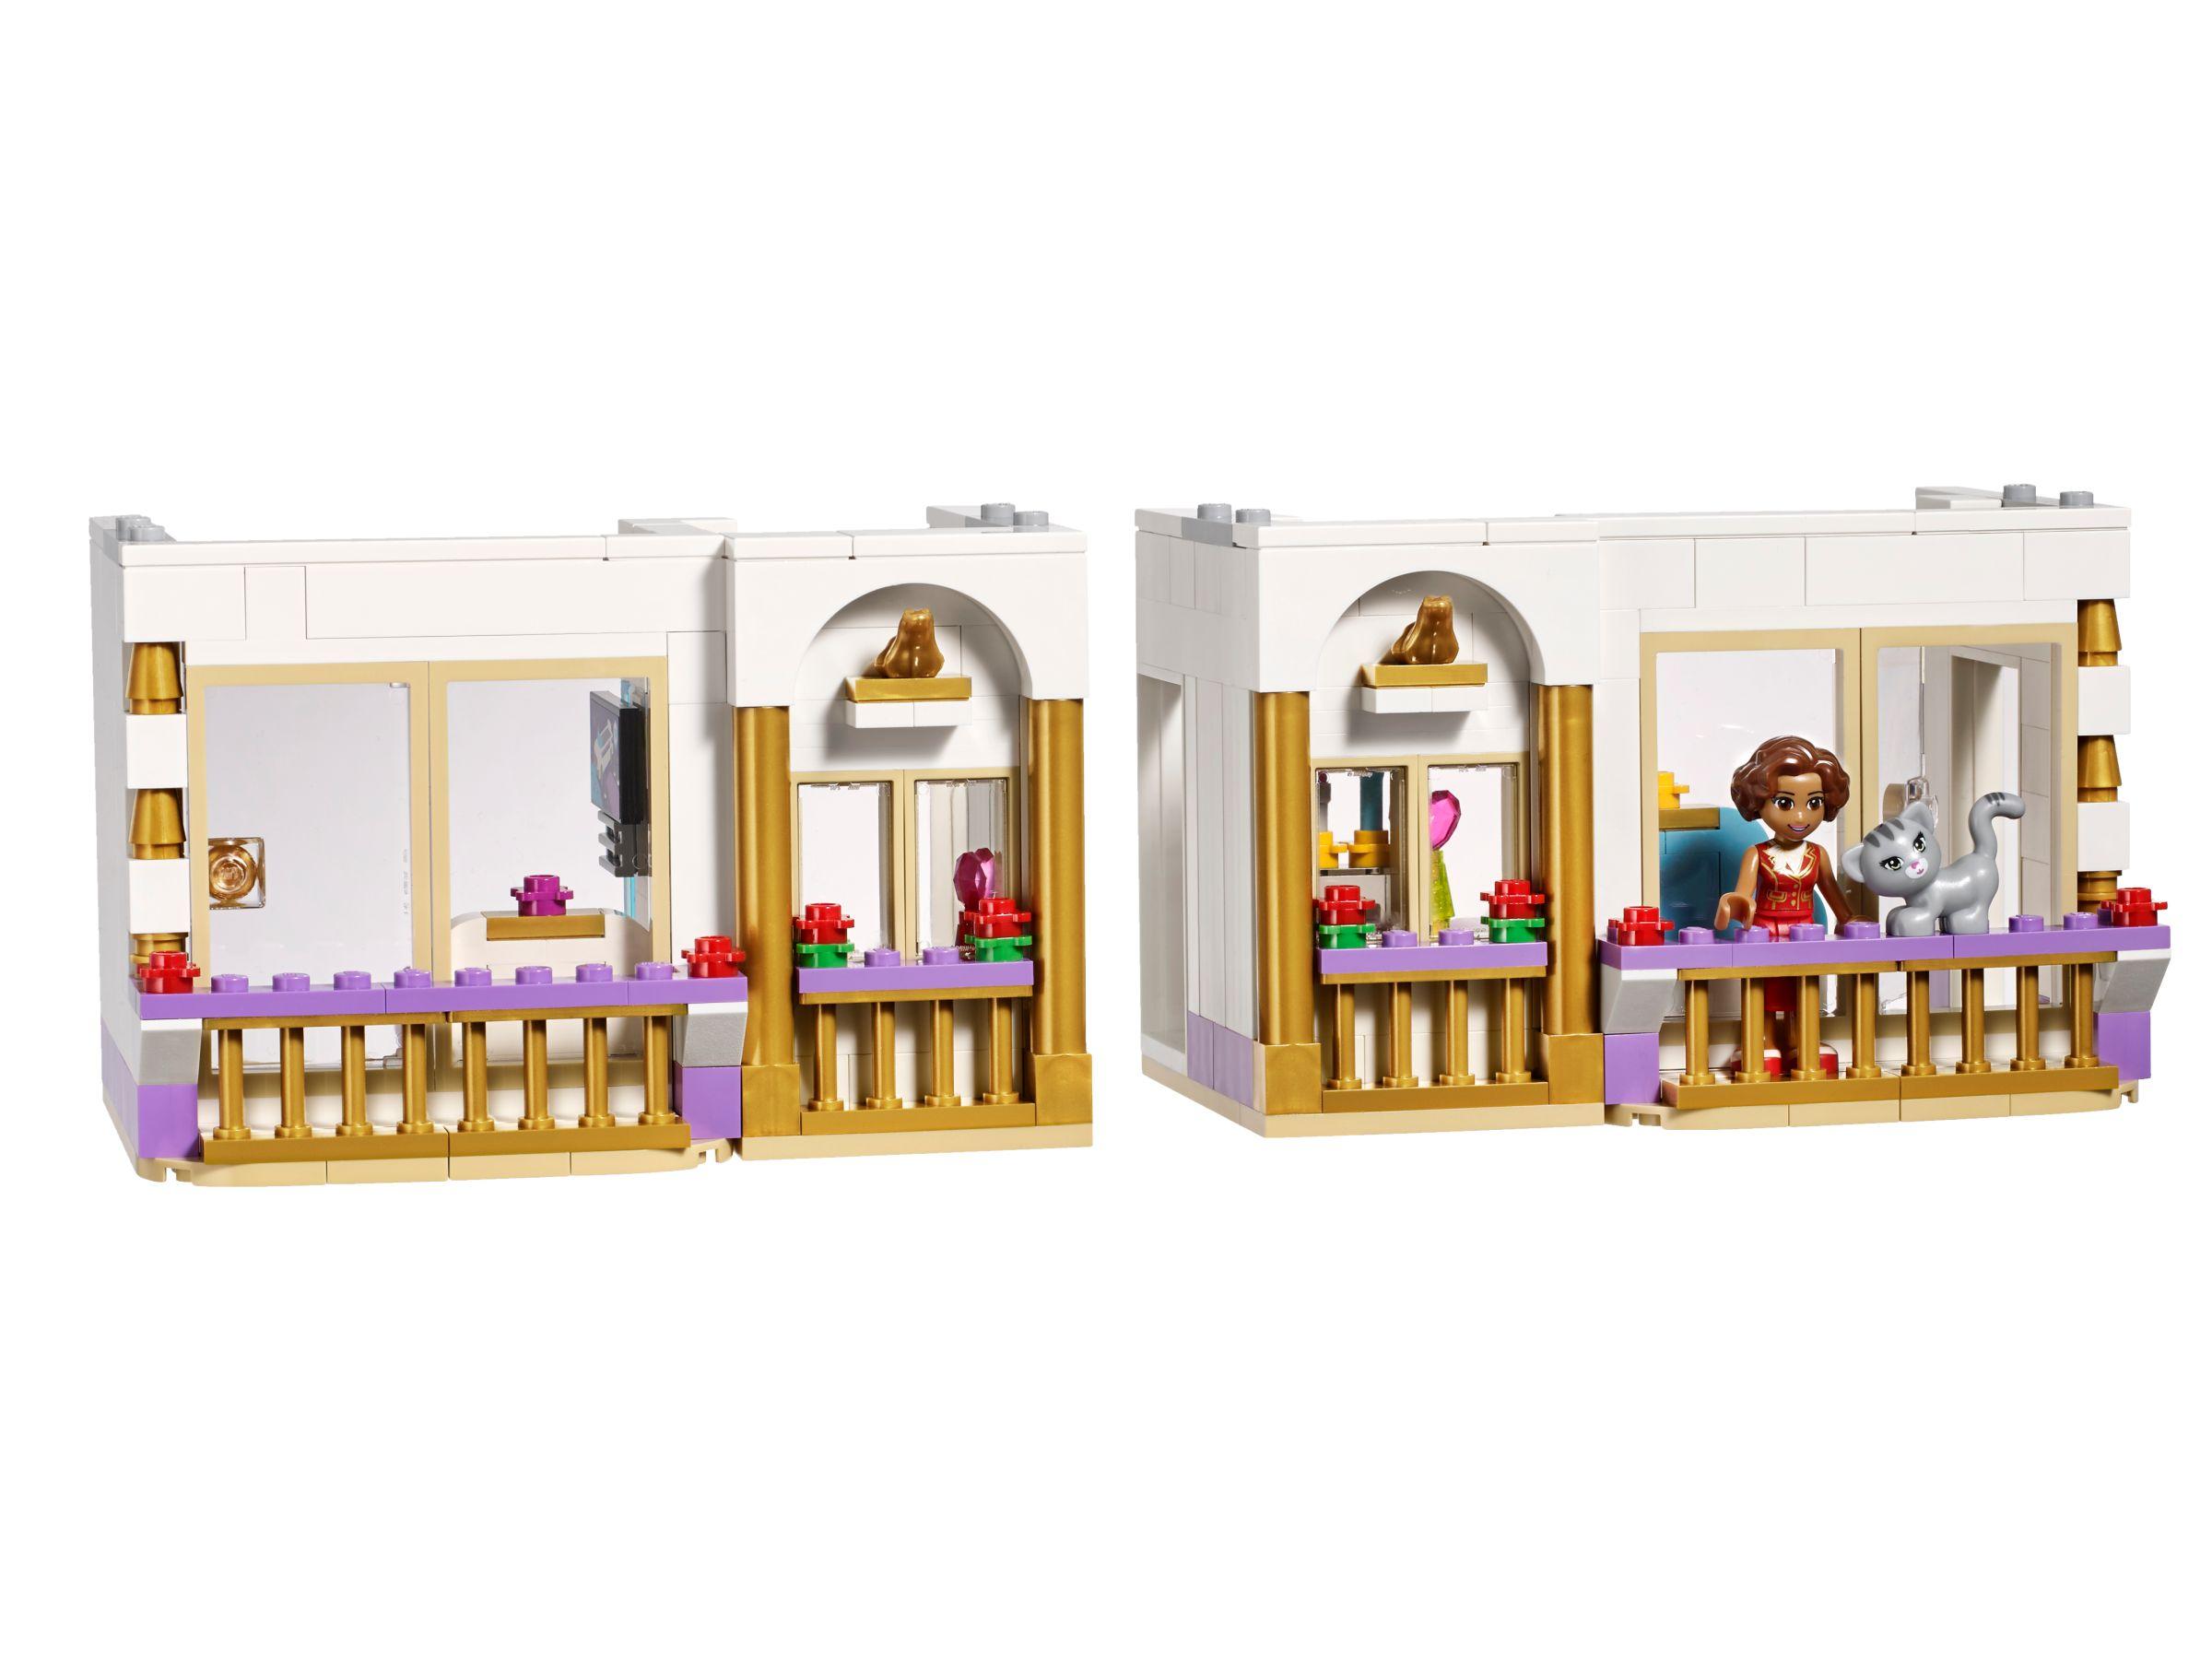 Lego Friends Heartlake Grosses Hotel 41101 2015 Lego Preisvergleich Brickmerge De